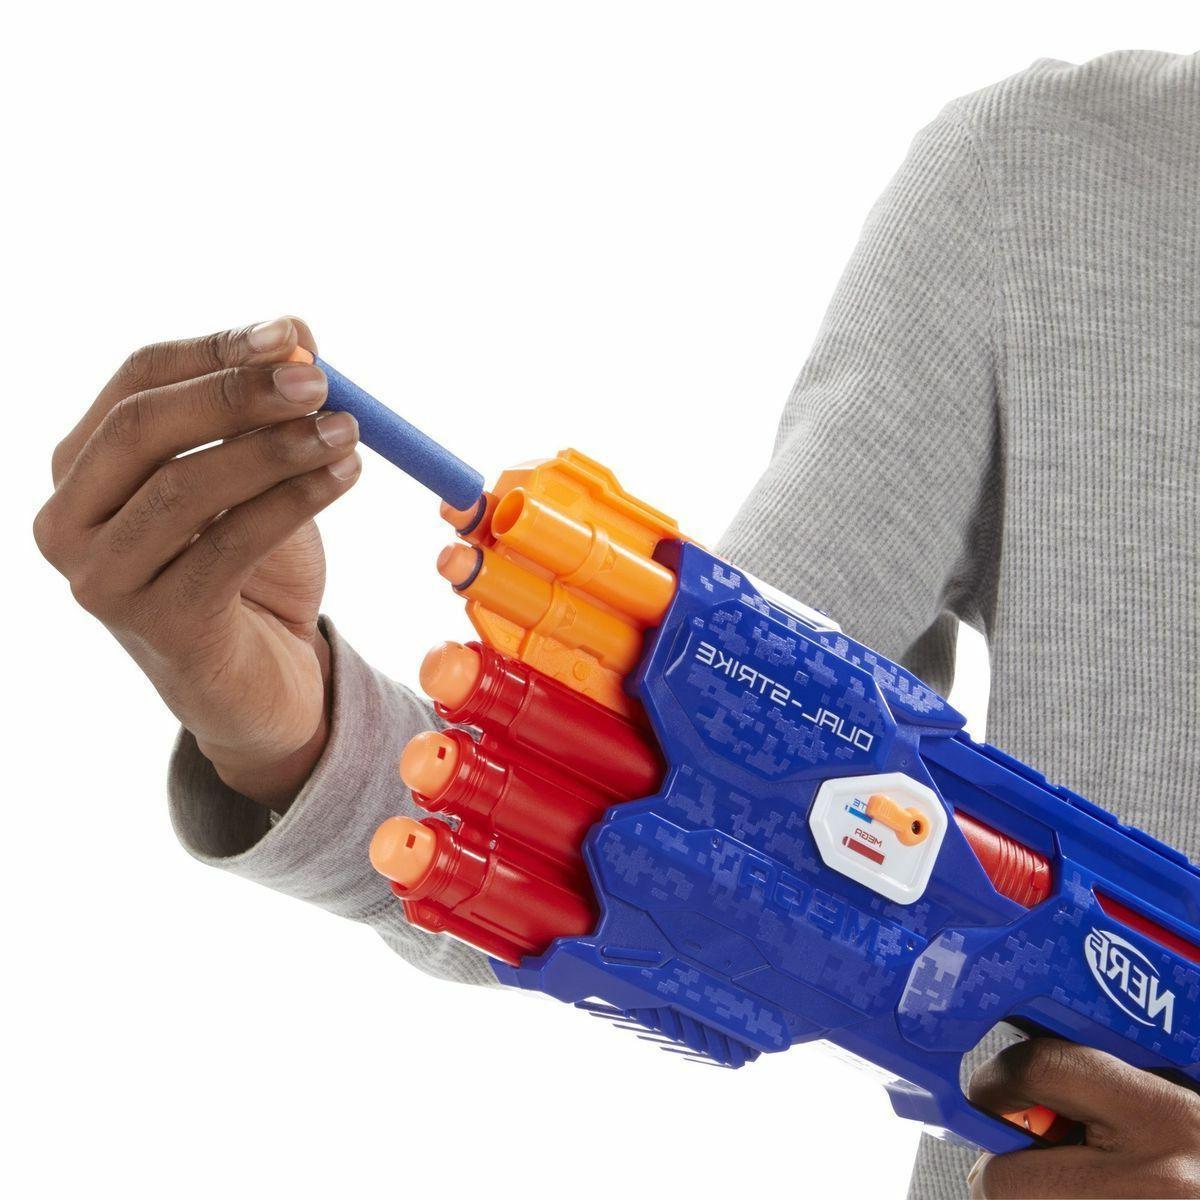 Toys For Kids Children Foam Blaster for 3 5 6 10